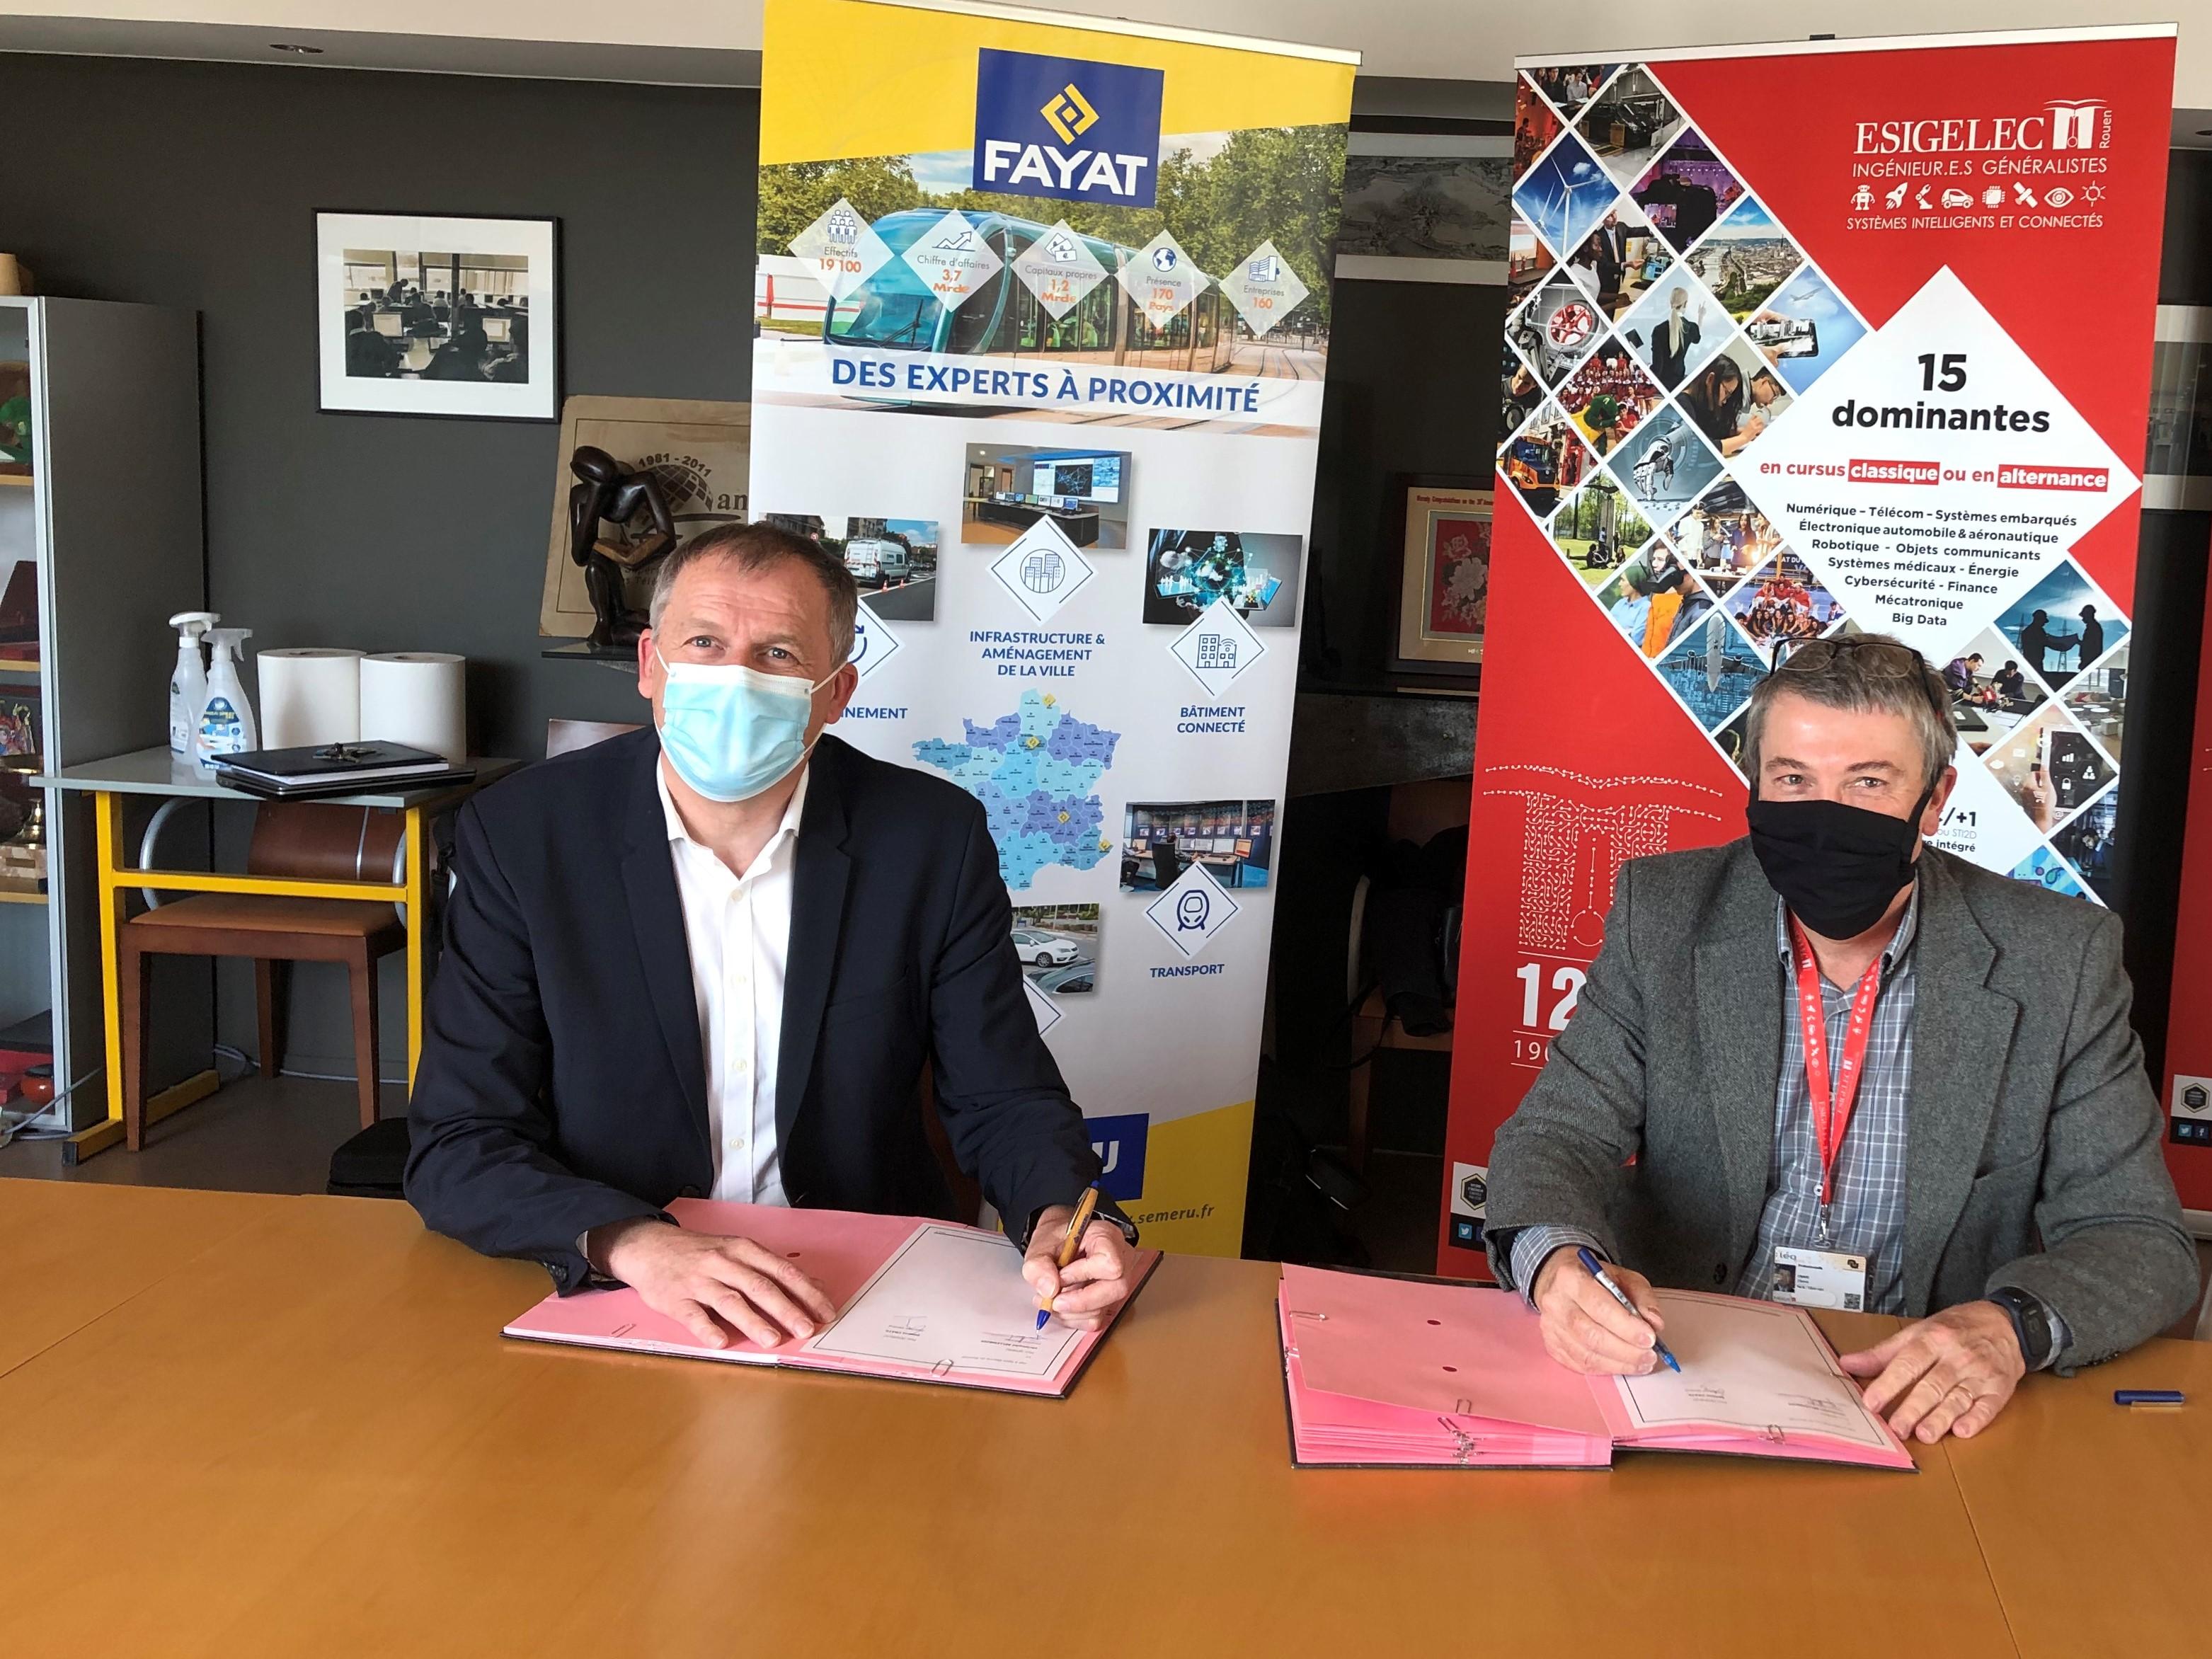 Convention de partenariat entre l'ESIGELEC et l'entreprise SEMERU-FAYAT Energie Services